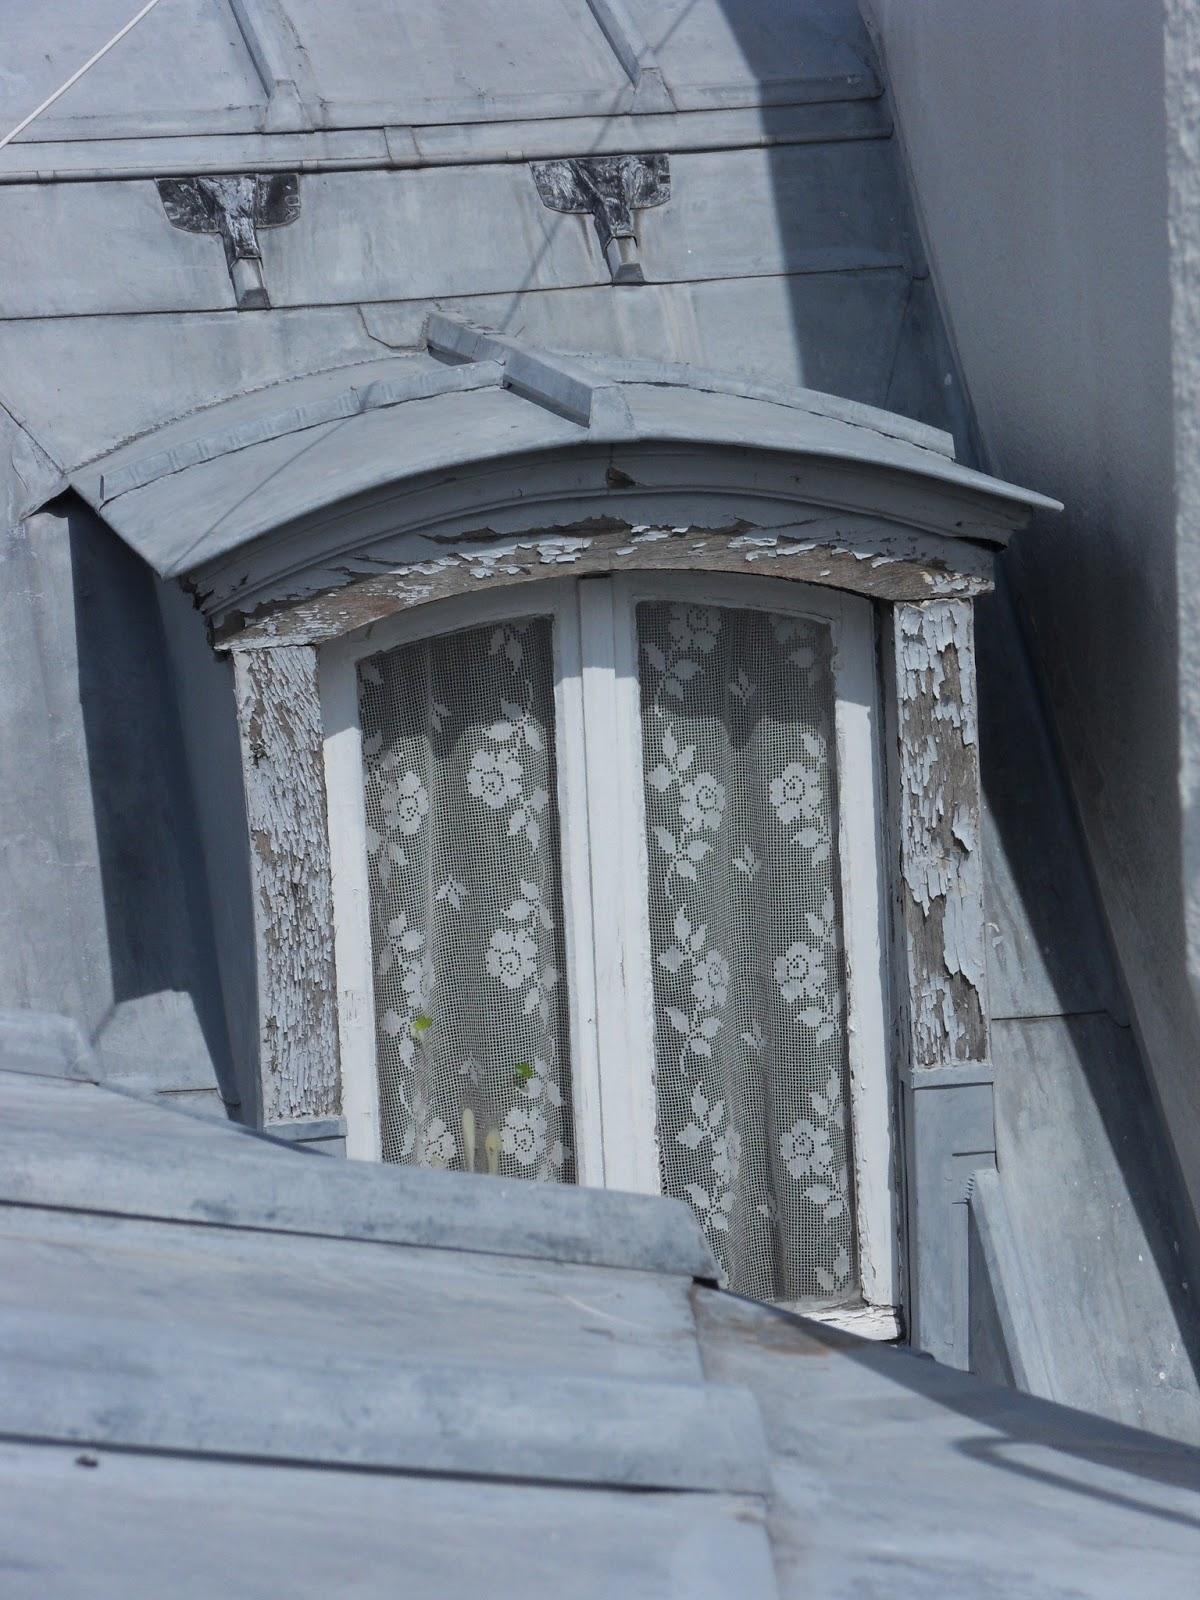 Fen tres open space sur le toit au soleil for Fenetre sur le toit